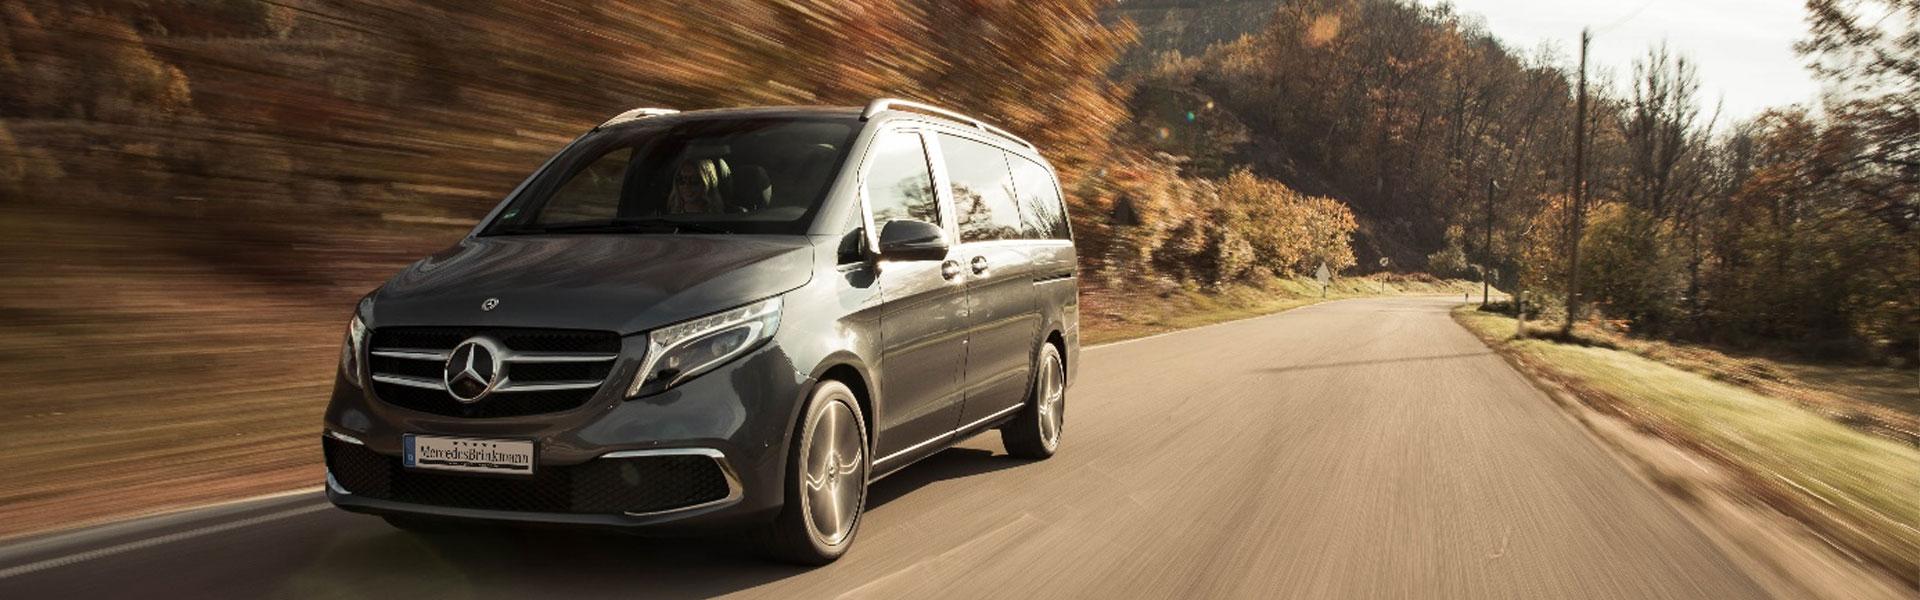 Mercedes-Benz-Brinkmann-Transporter-Garantie-Paket-Garantie-Paket-Verlängerung-Header